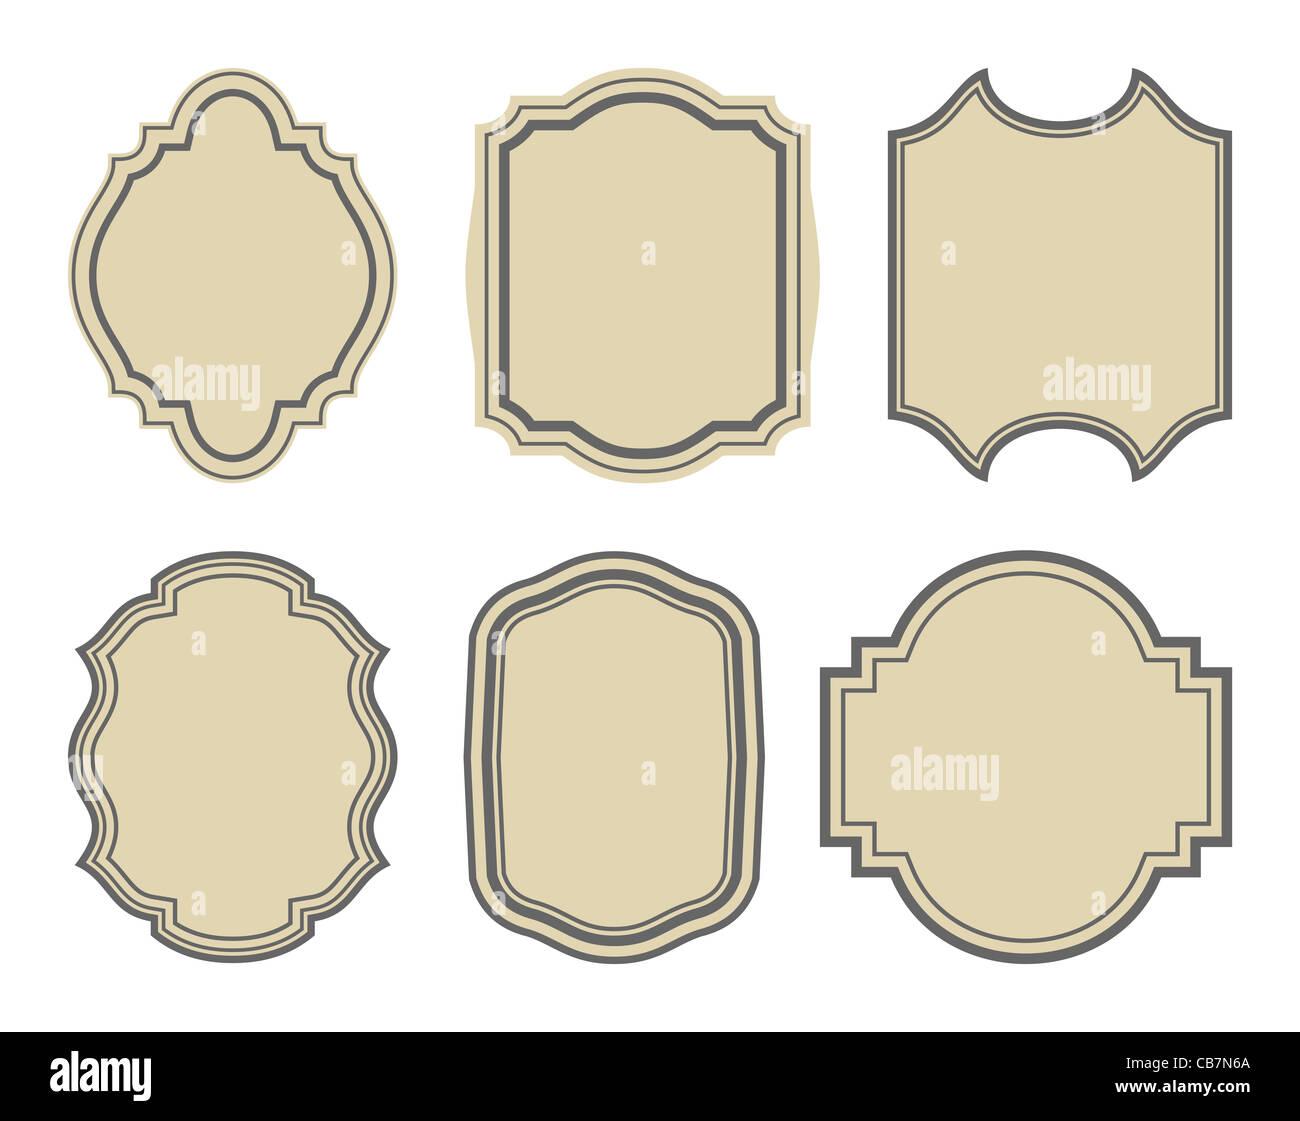 Illustration set of stickers, vintage frames - vector - Stock Image